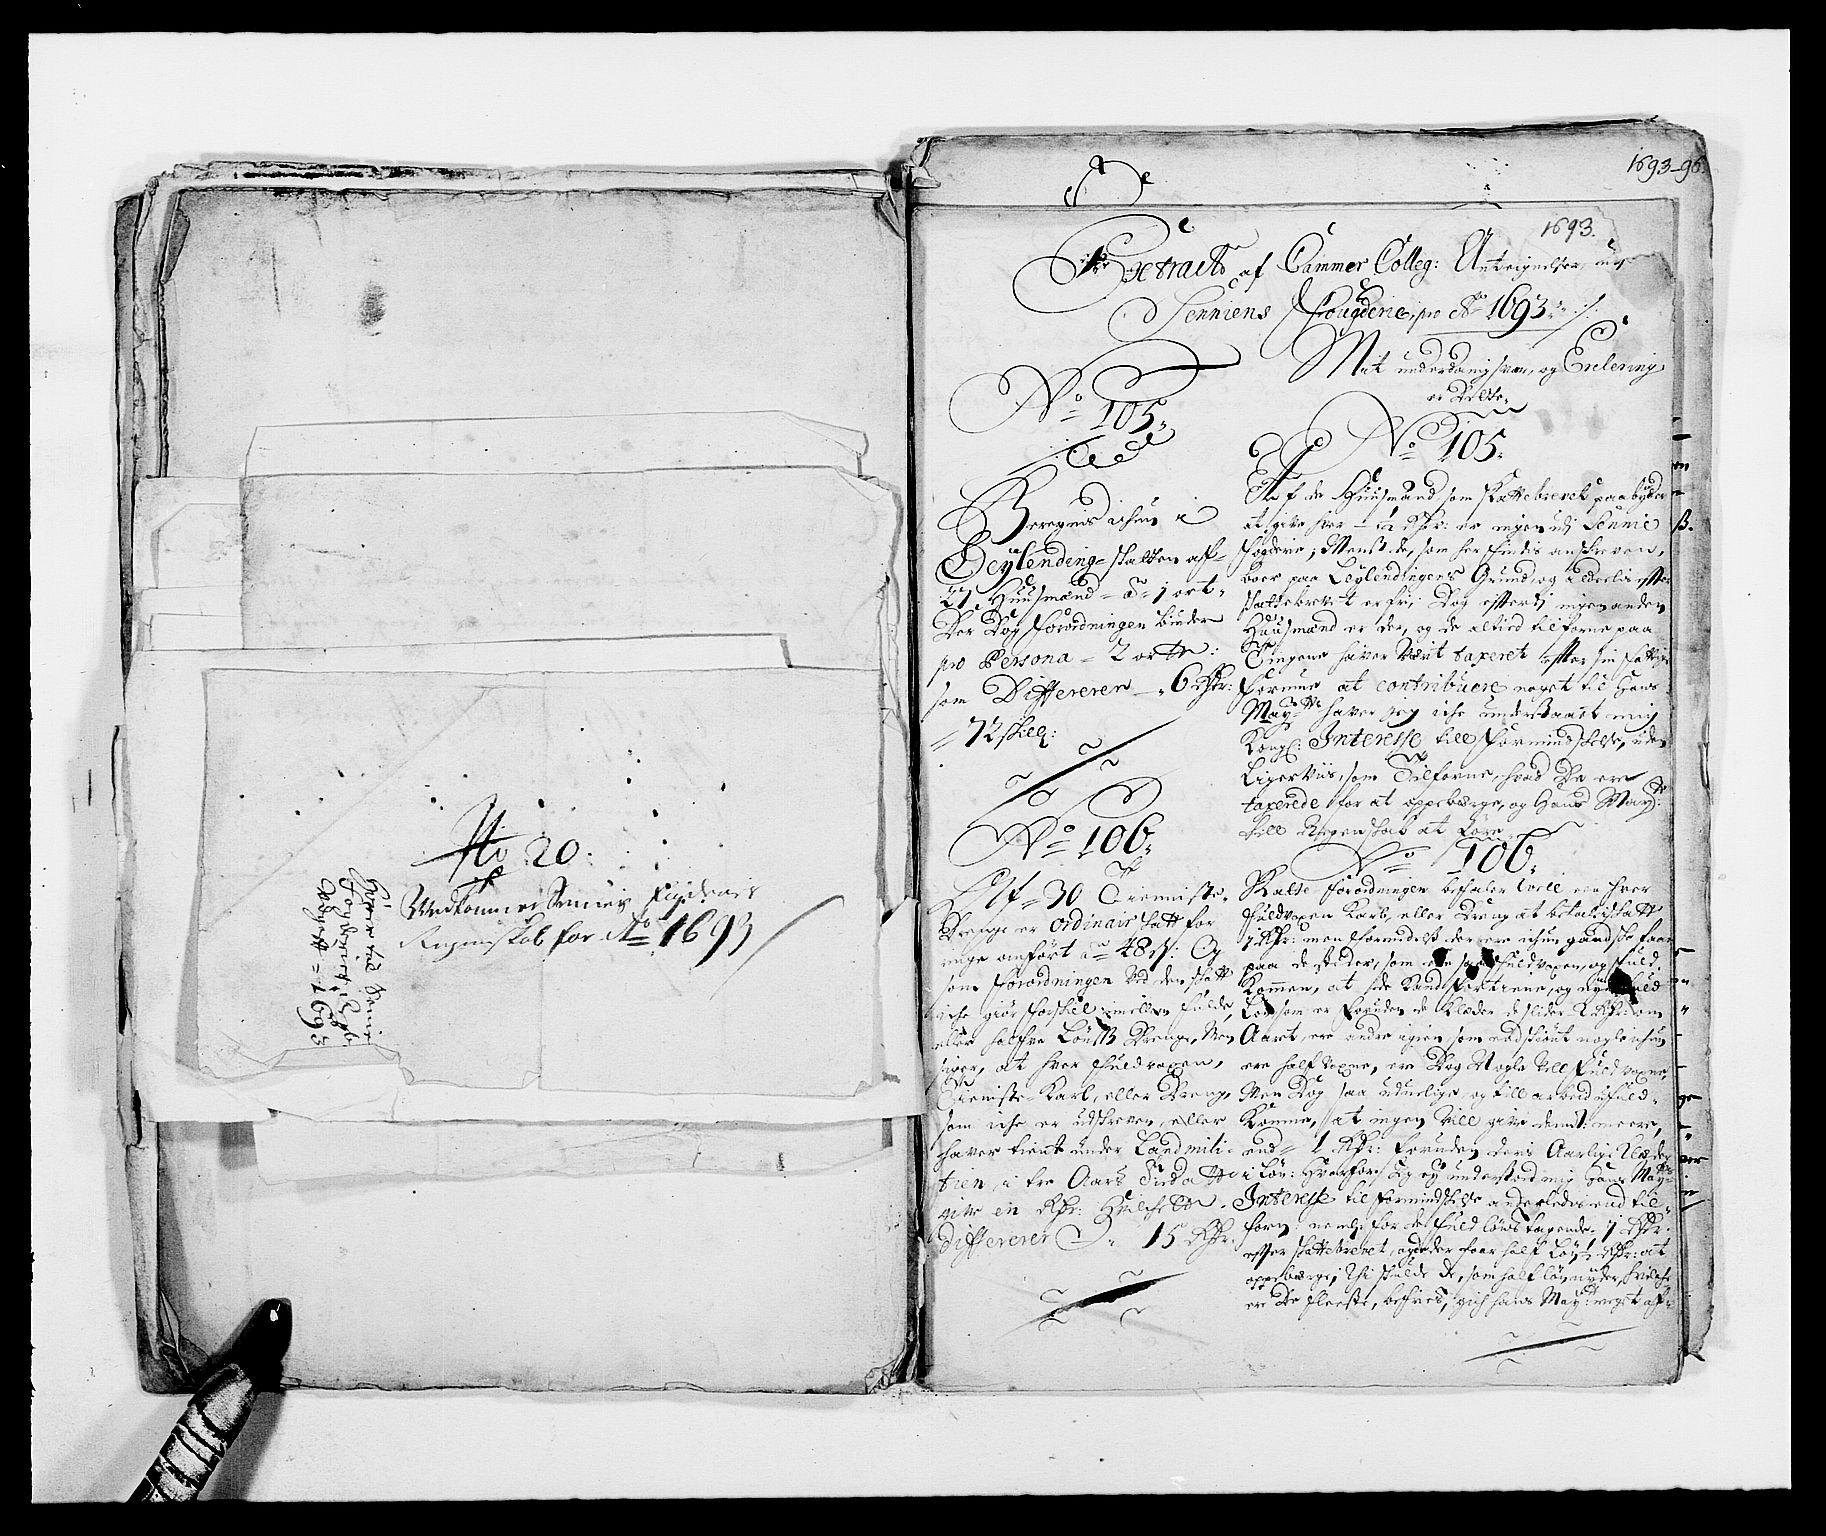 RA, Rentekammeret inntil 1814, Reviderte regnskaper, Fogderegnskap, R68/L4752: Fogderegnskap Senja og Troms, 1691-1693, s. 437